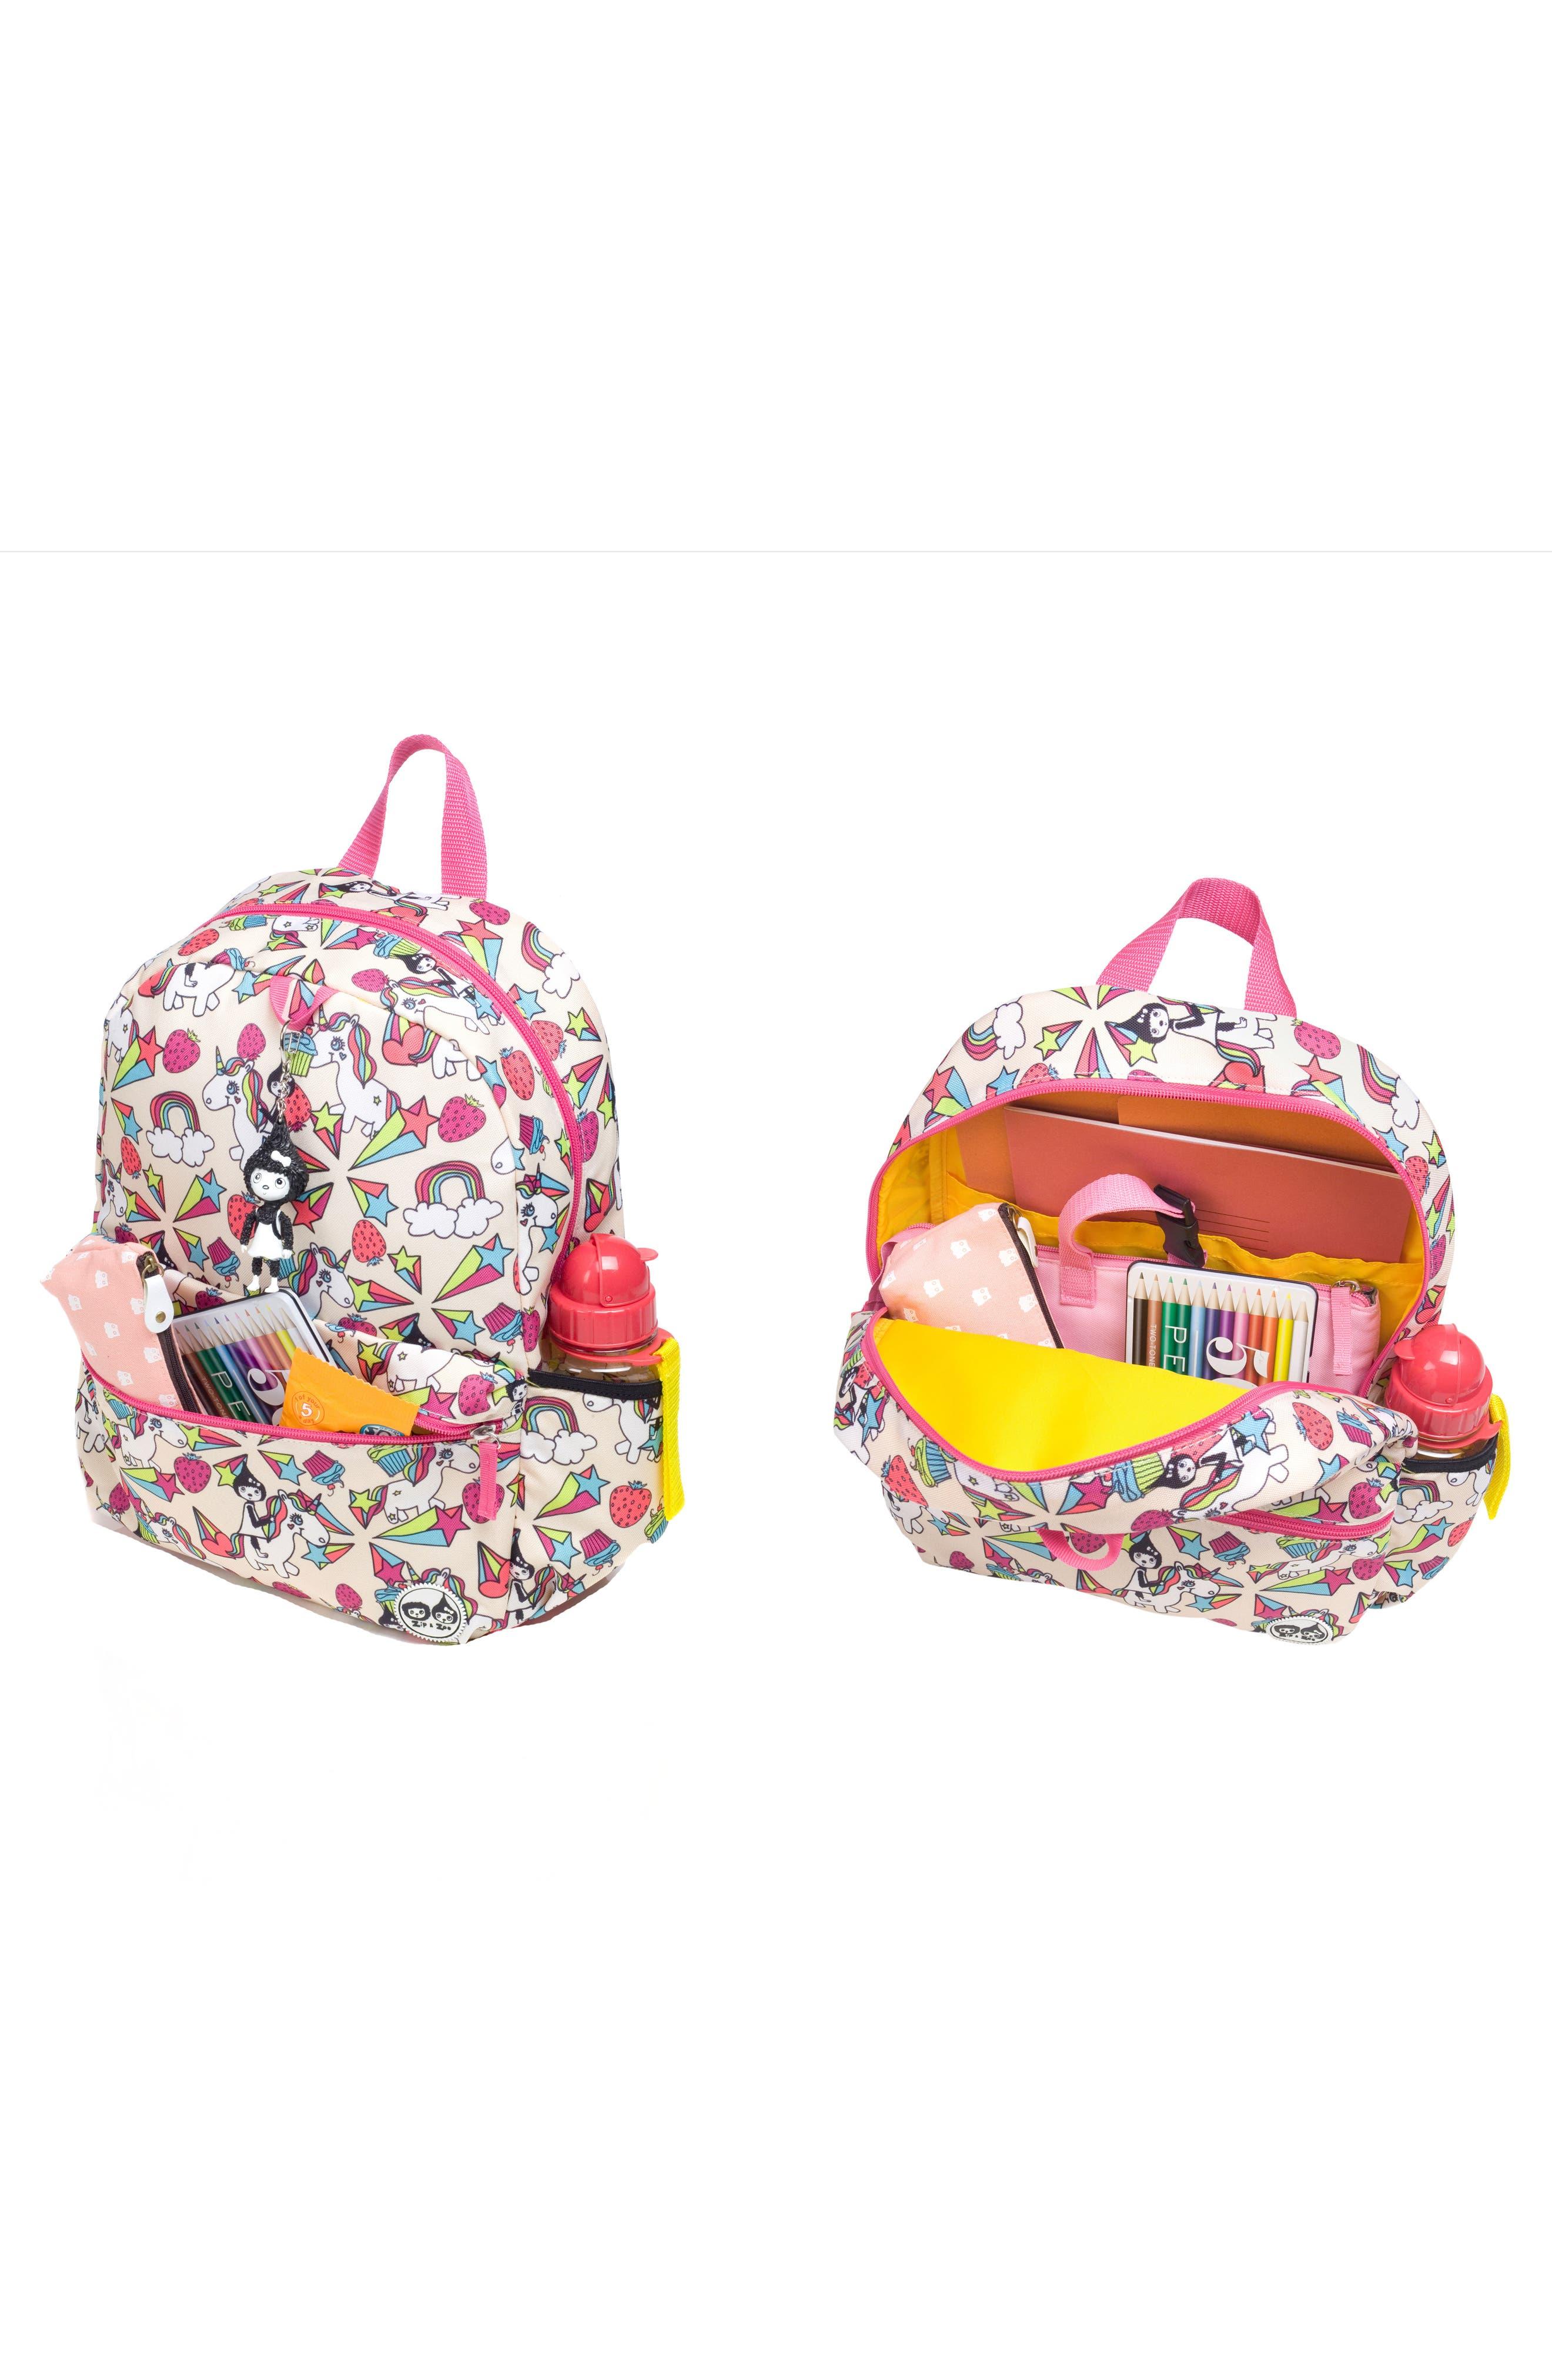 Zip & Zoe Unicorn Junior Backpack,                             Alternate thumbnail 5, color,                             White